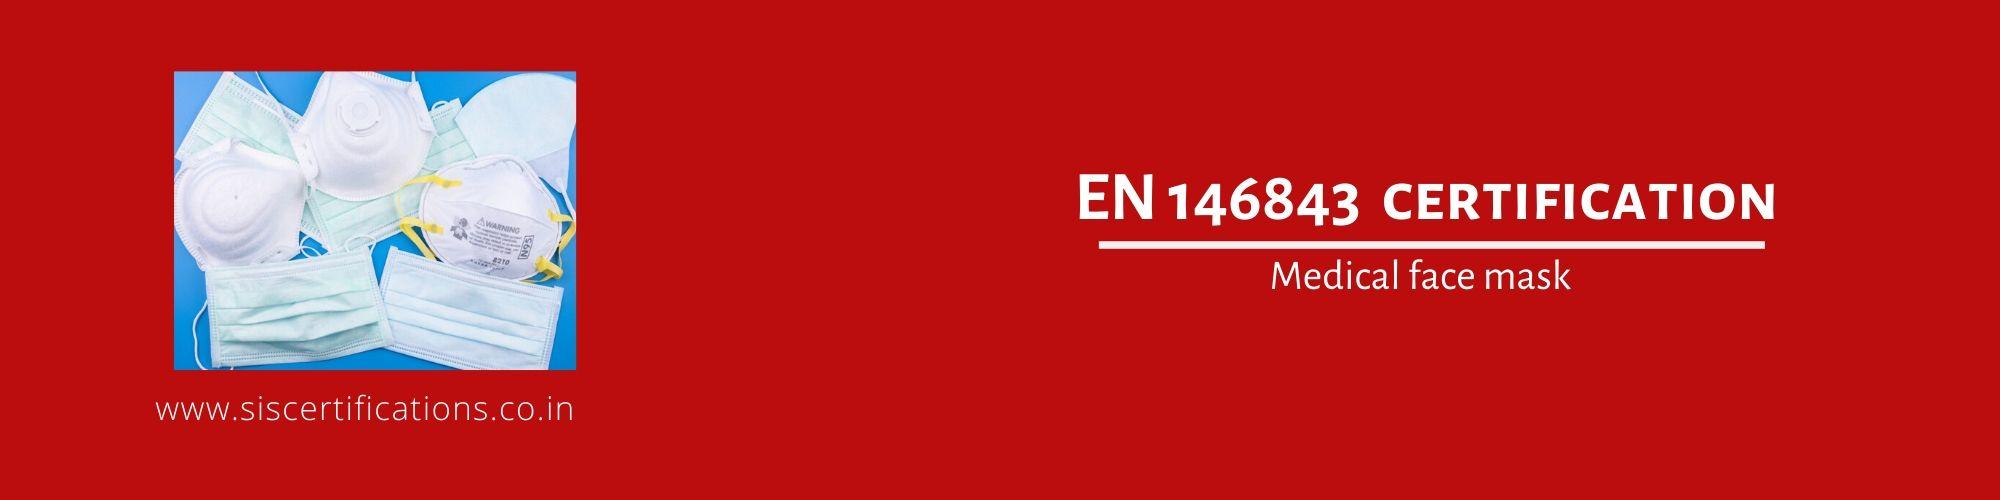 EN 14683 Certification